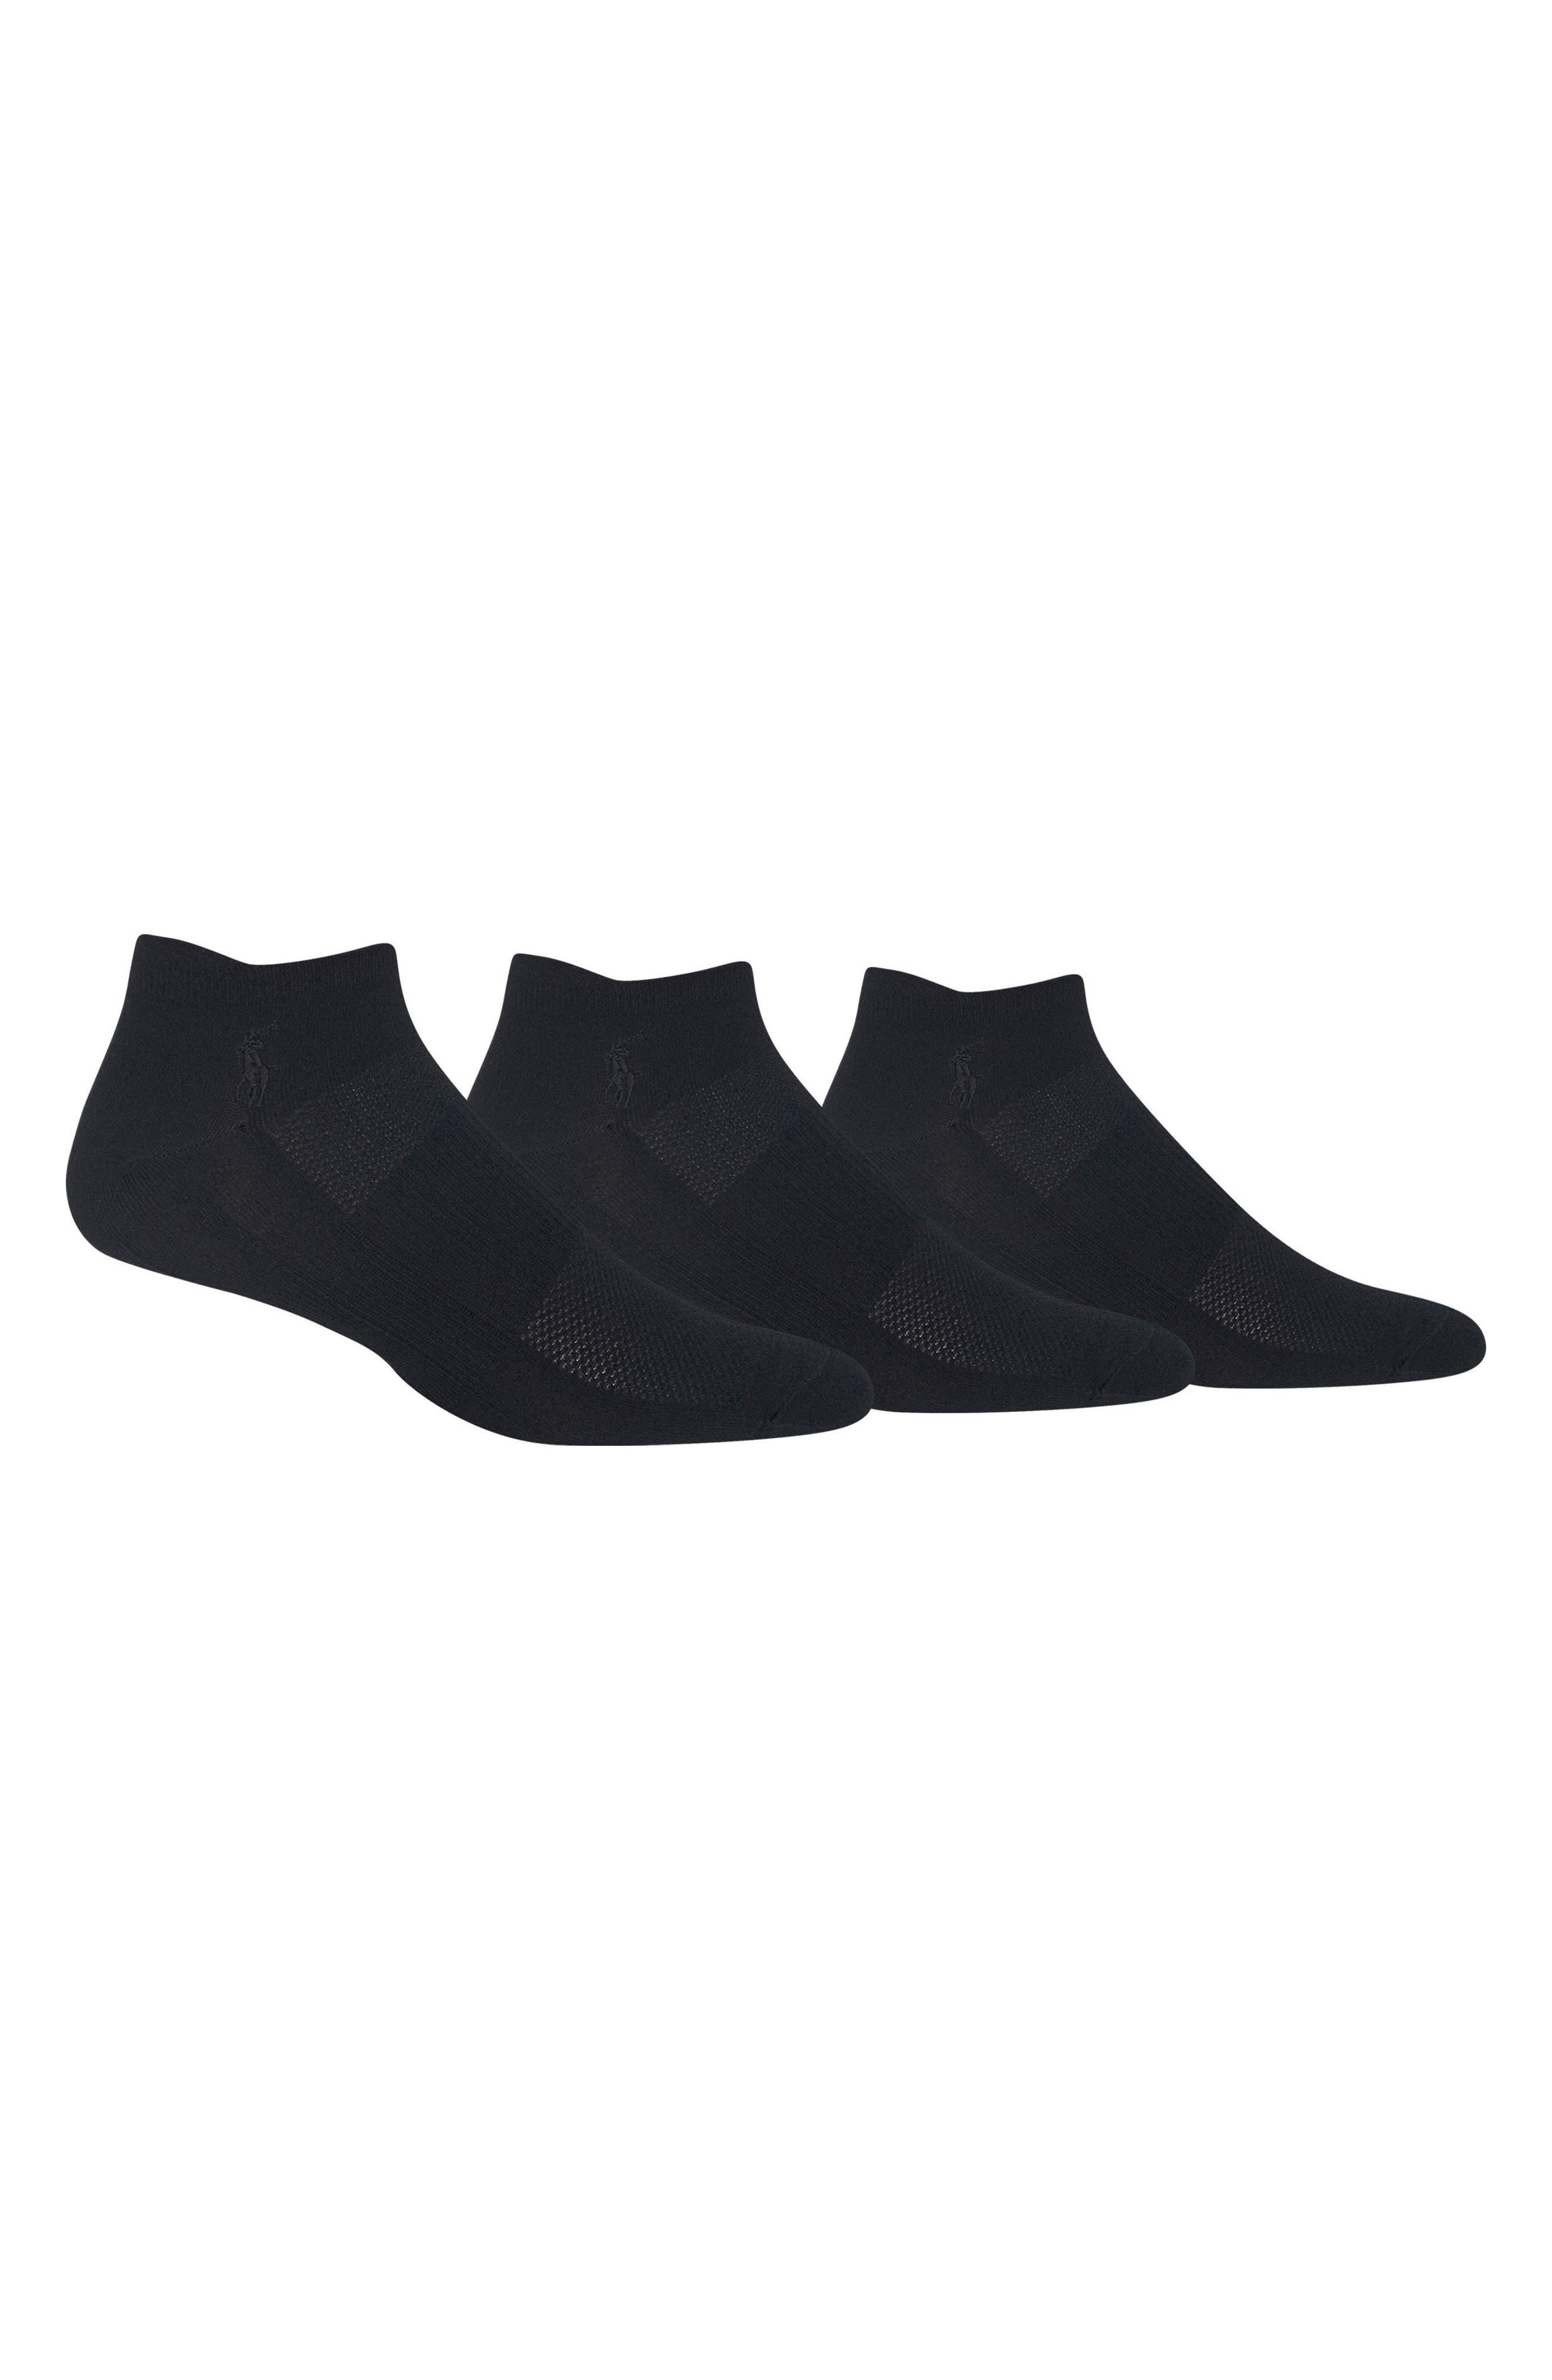 'Teach Ghost' Socks,                         Main,                         color, Black